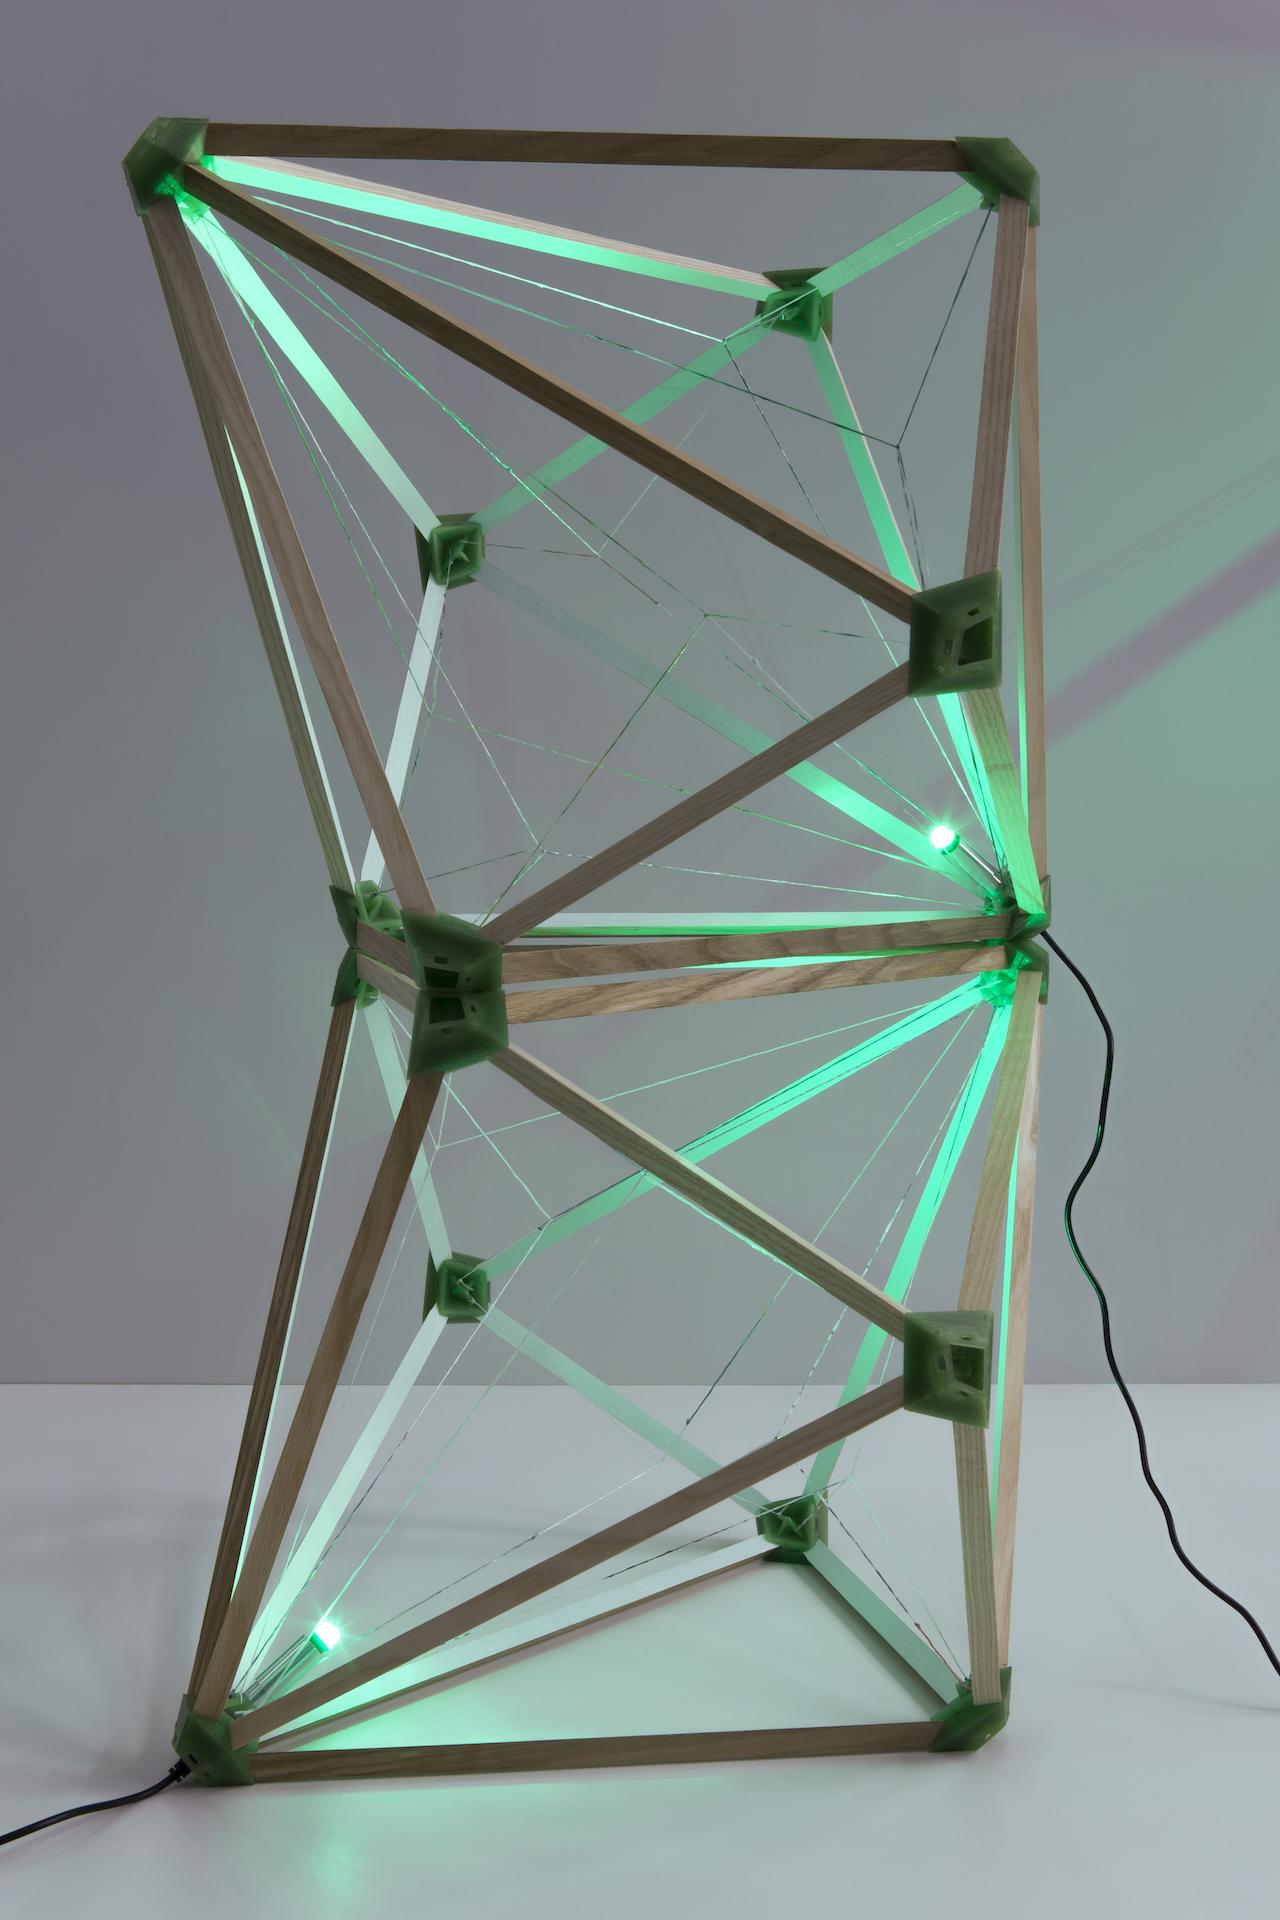 Green_light_117945